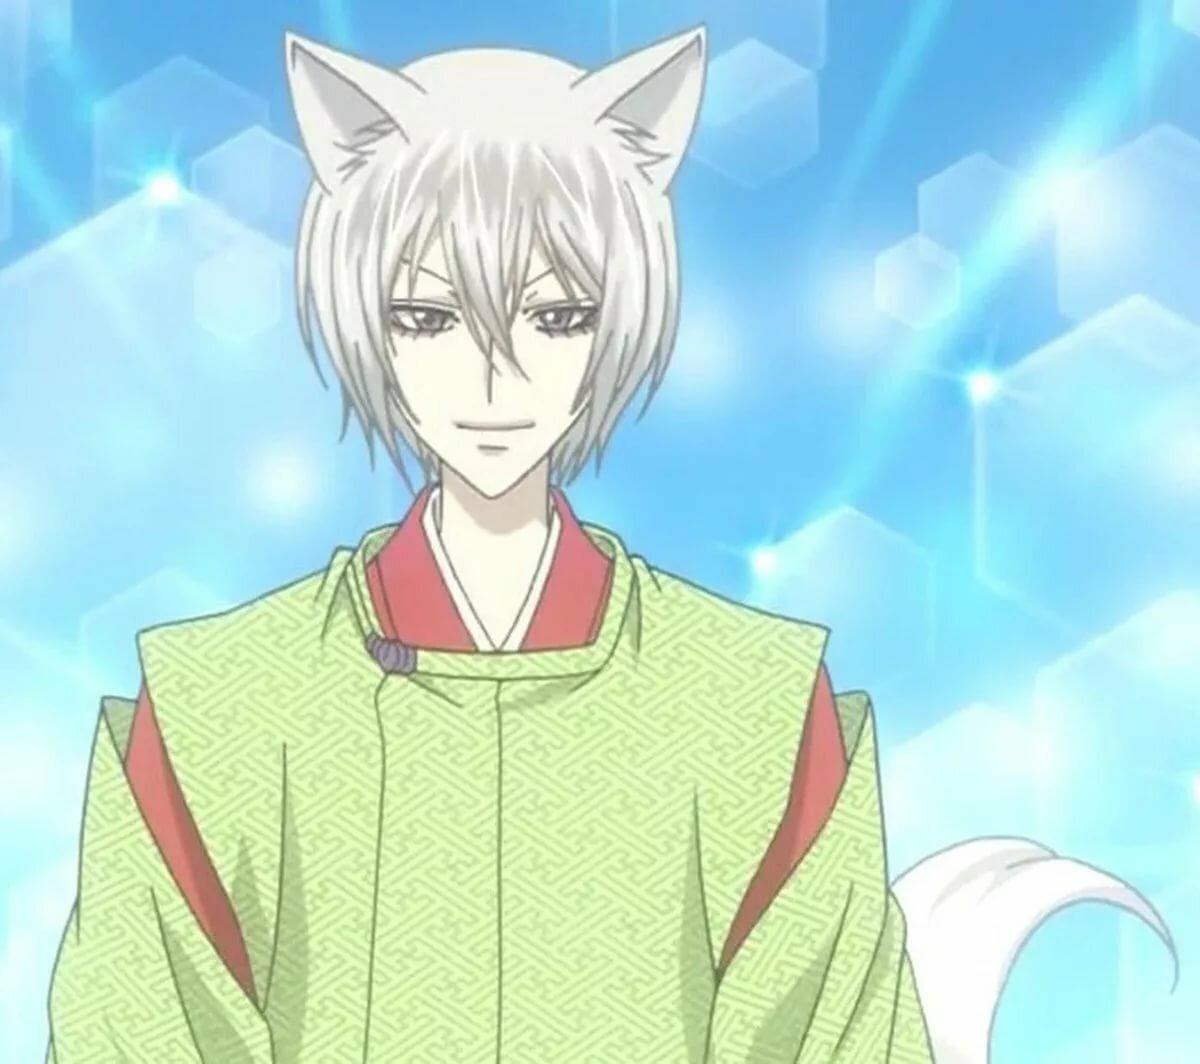 Картинка из аниме очень приятно бог томоэ